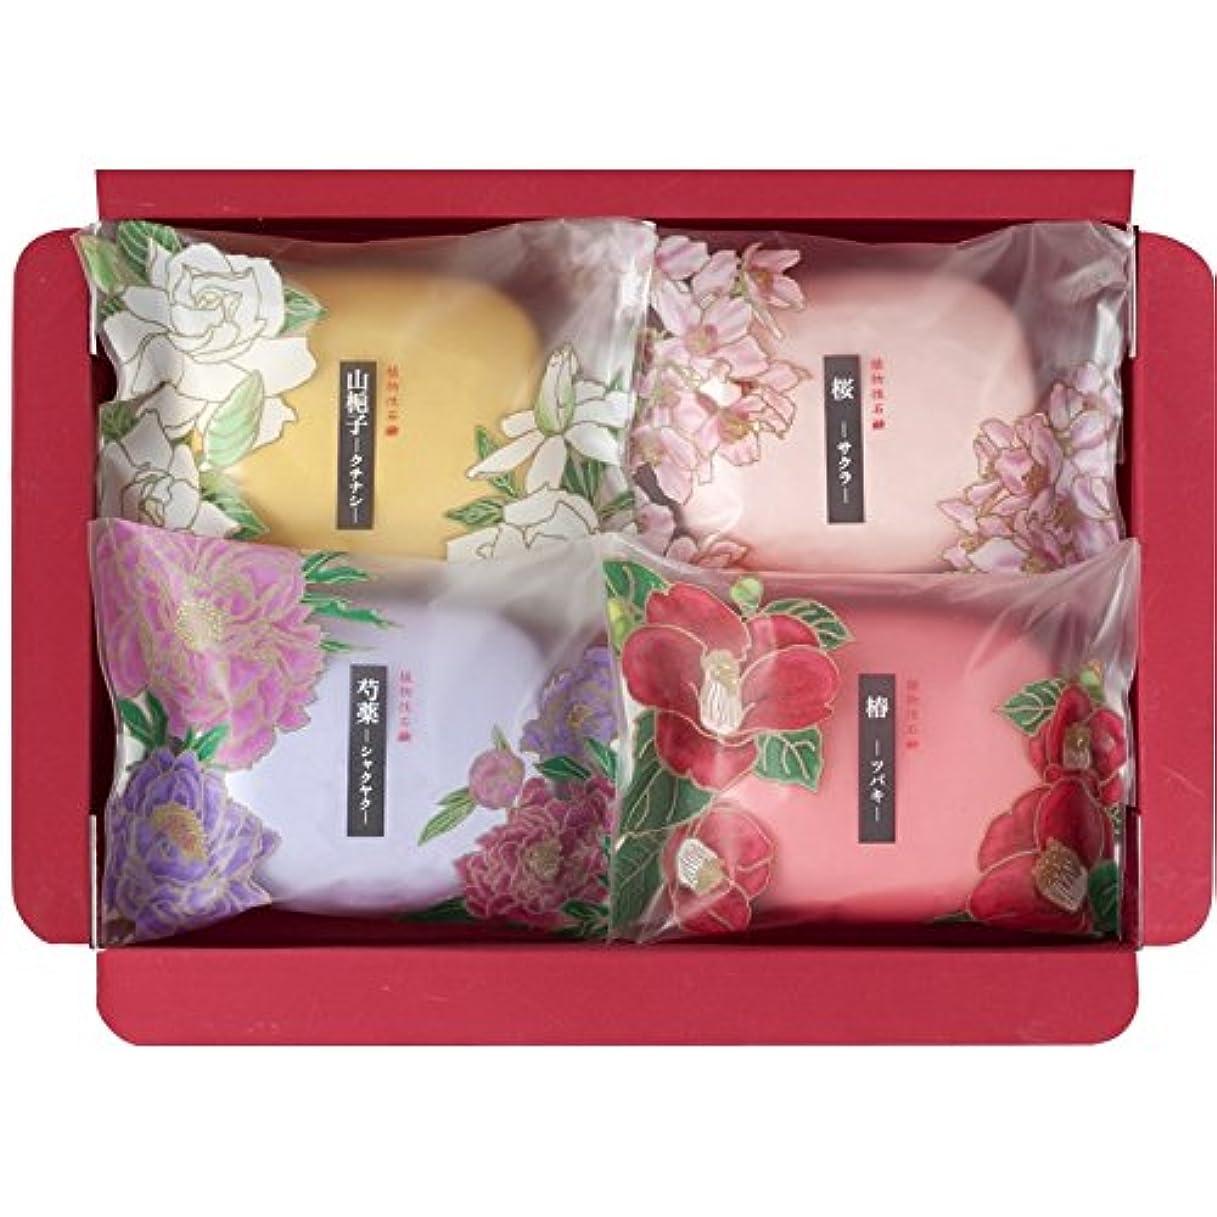 藤色興奮する幸福彩花だより SAK-05 【石けん 石鹸 うるおい いい香り 固形 詰め合わせ セット 良い香り 美容 個包装 肌に優しい 日本製】